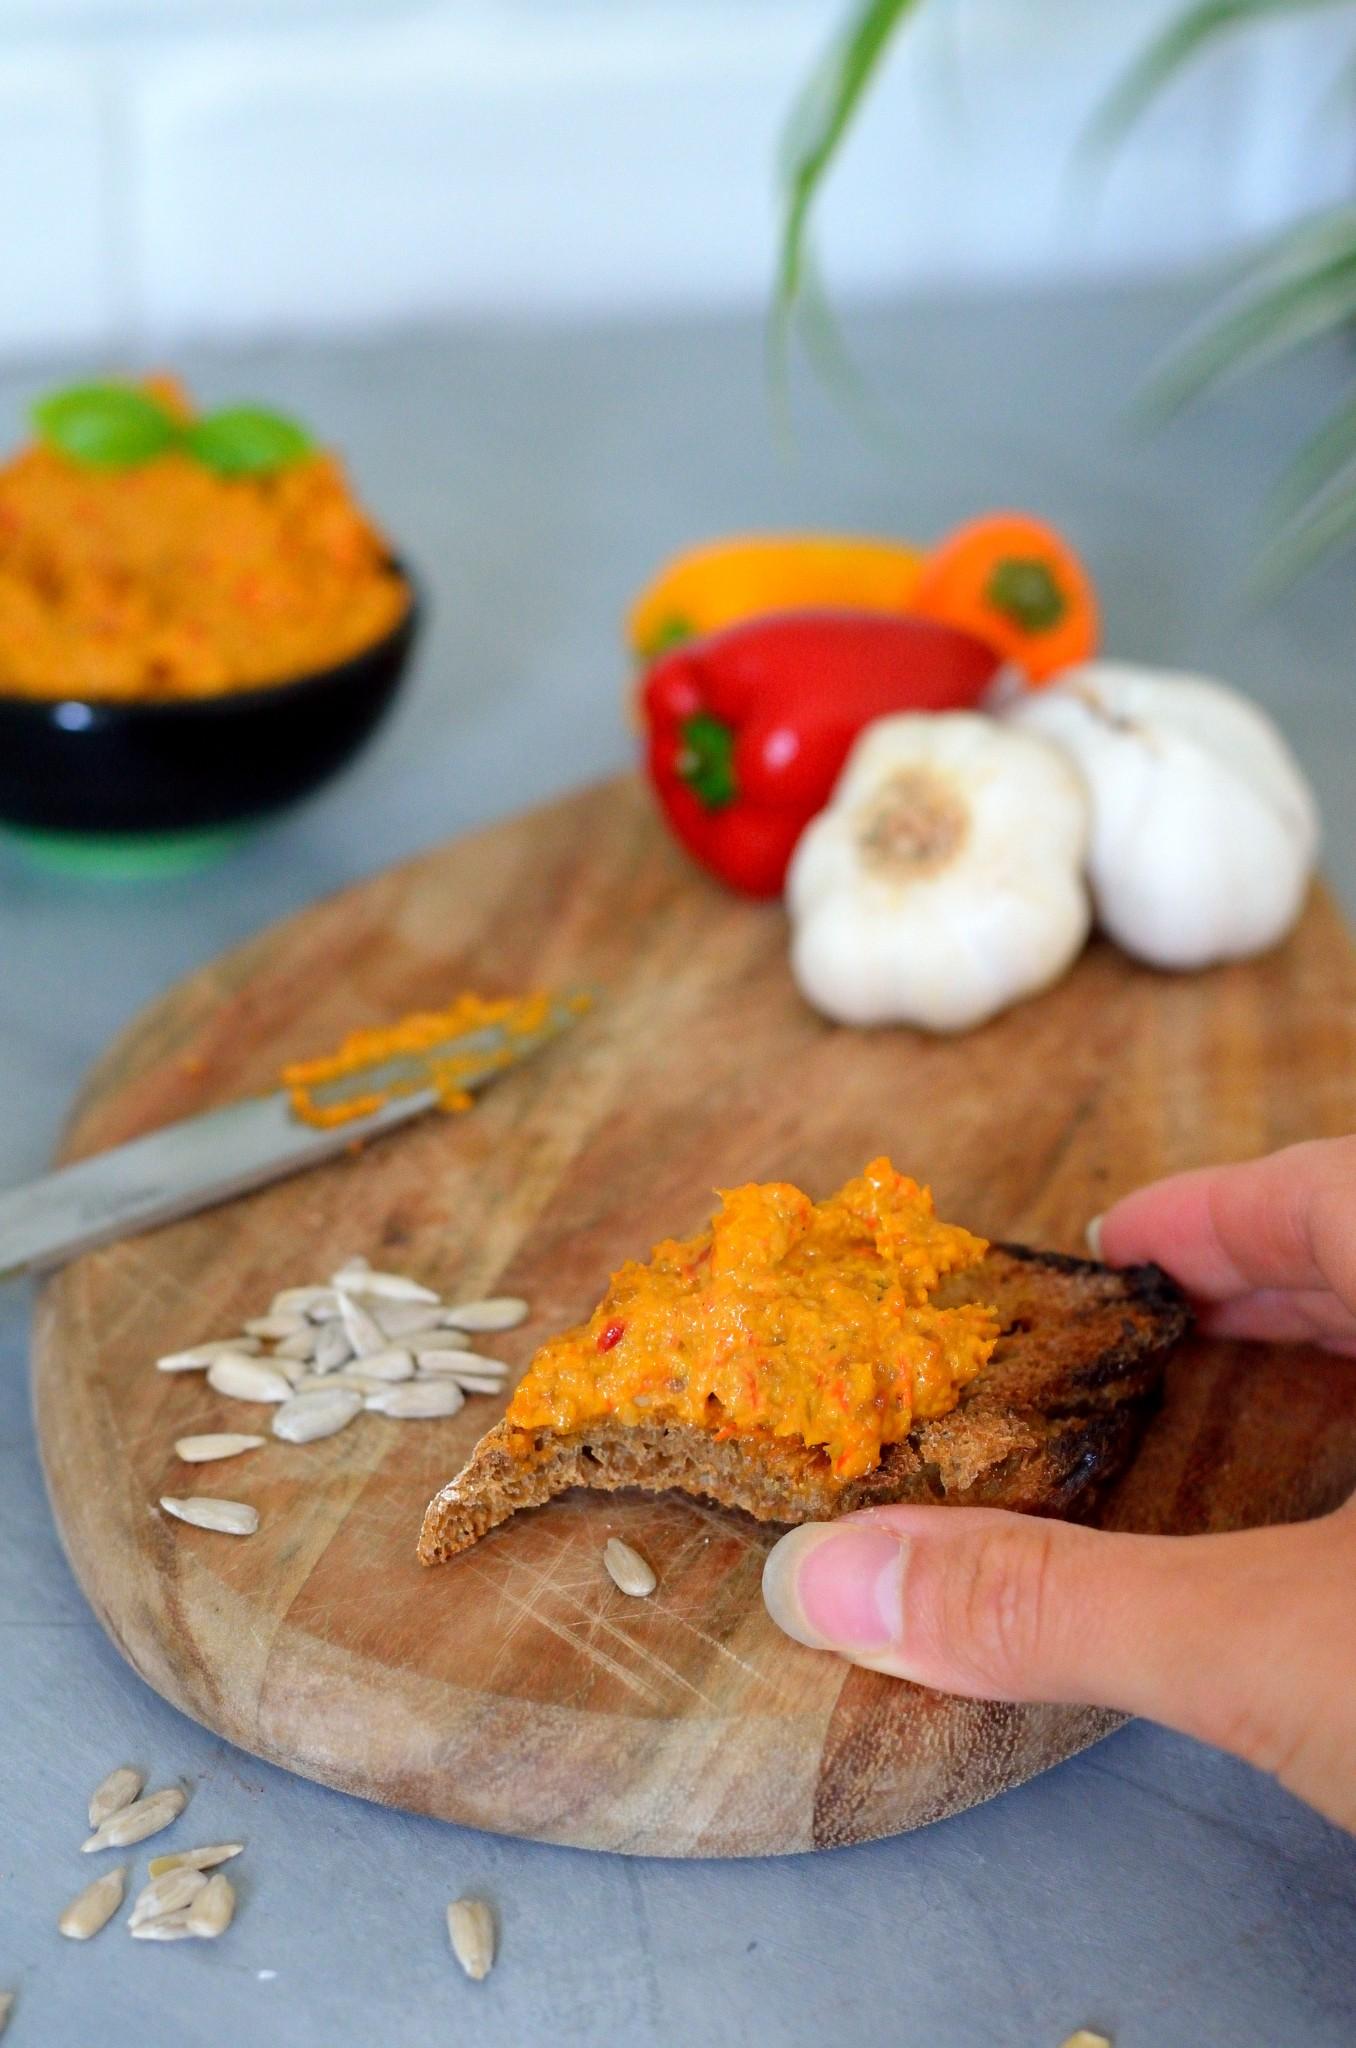 Opskrift på Peperonata - dip af ovnbagte peberfrugter